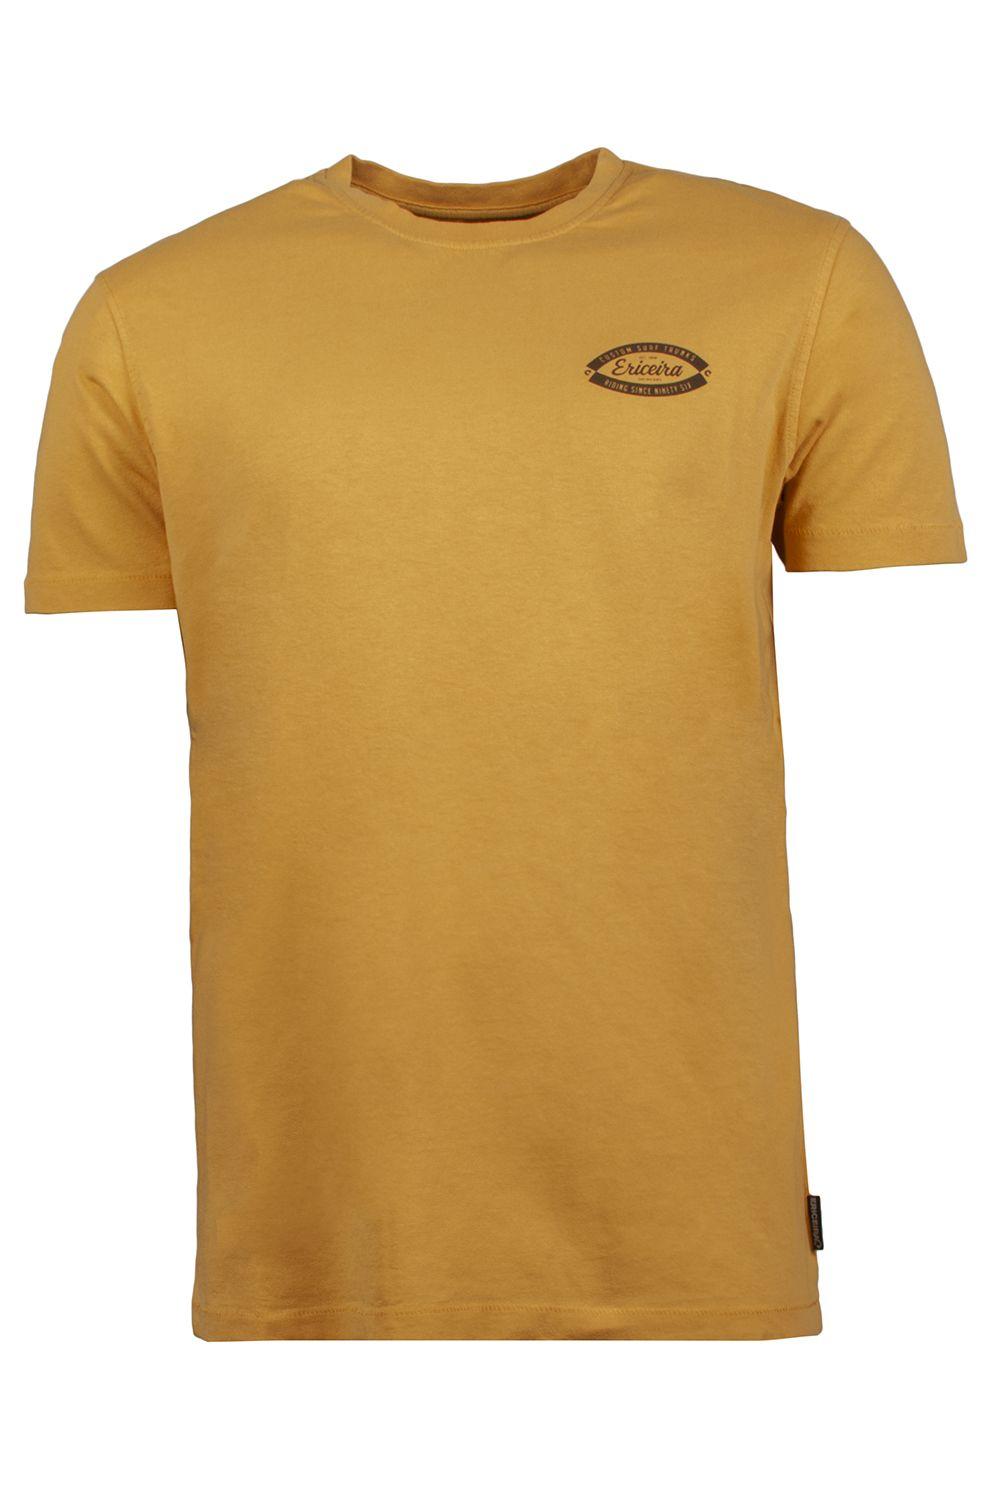 Ericeira Surf Skate T-Shirt SURF TAIL Gold Mustard